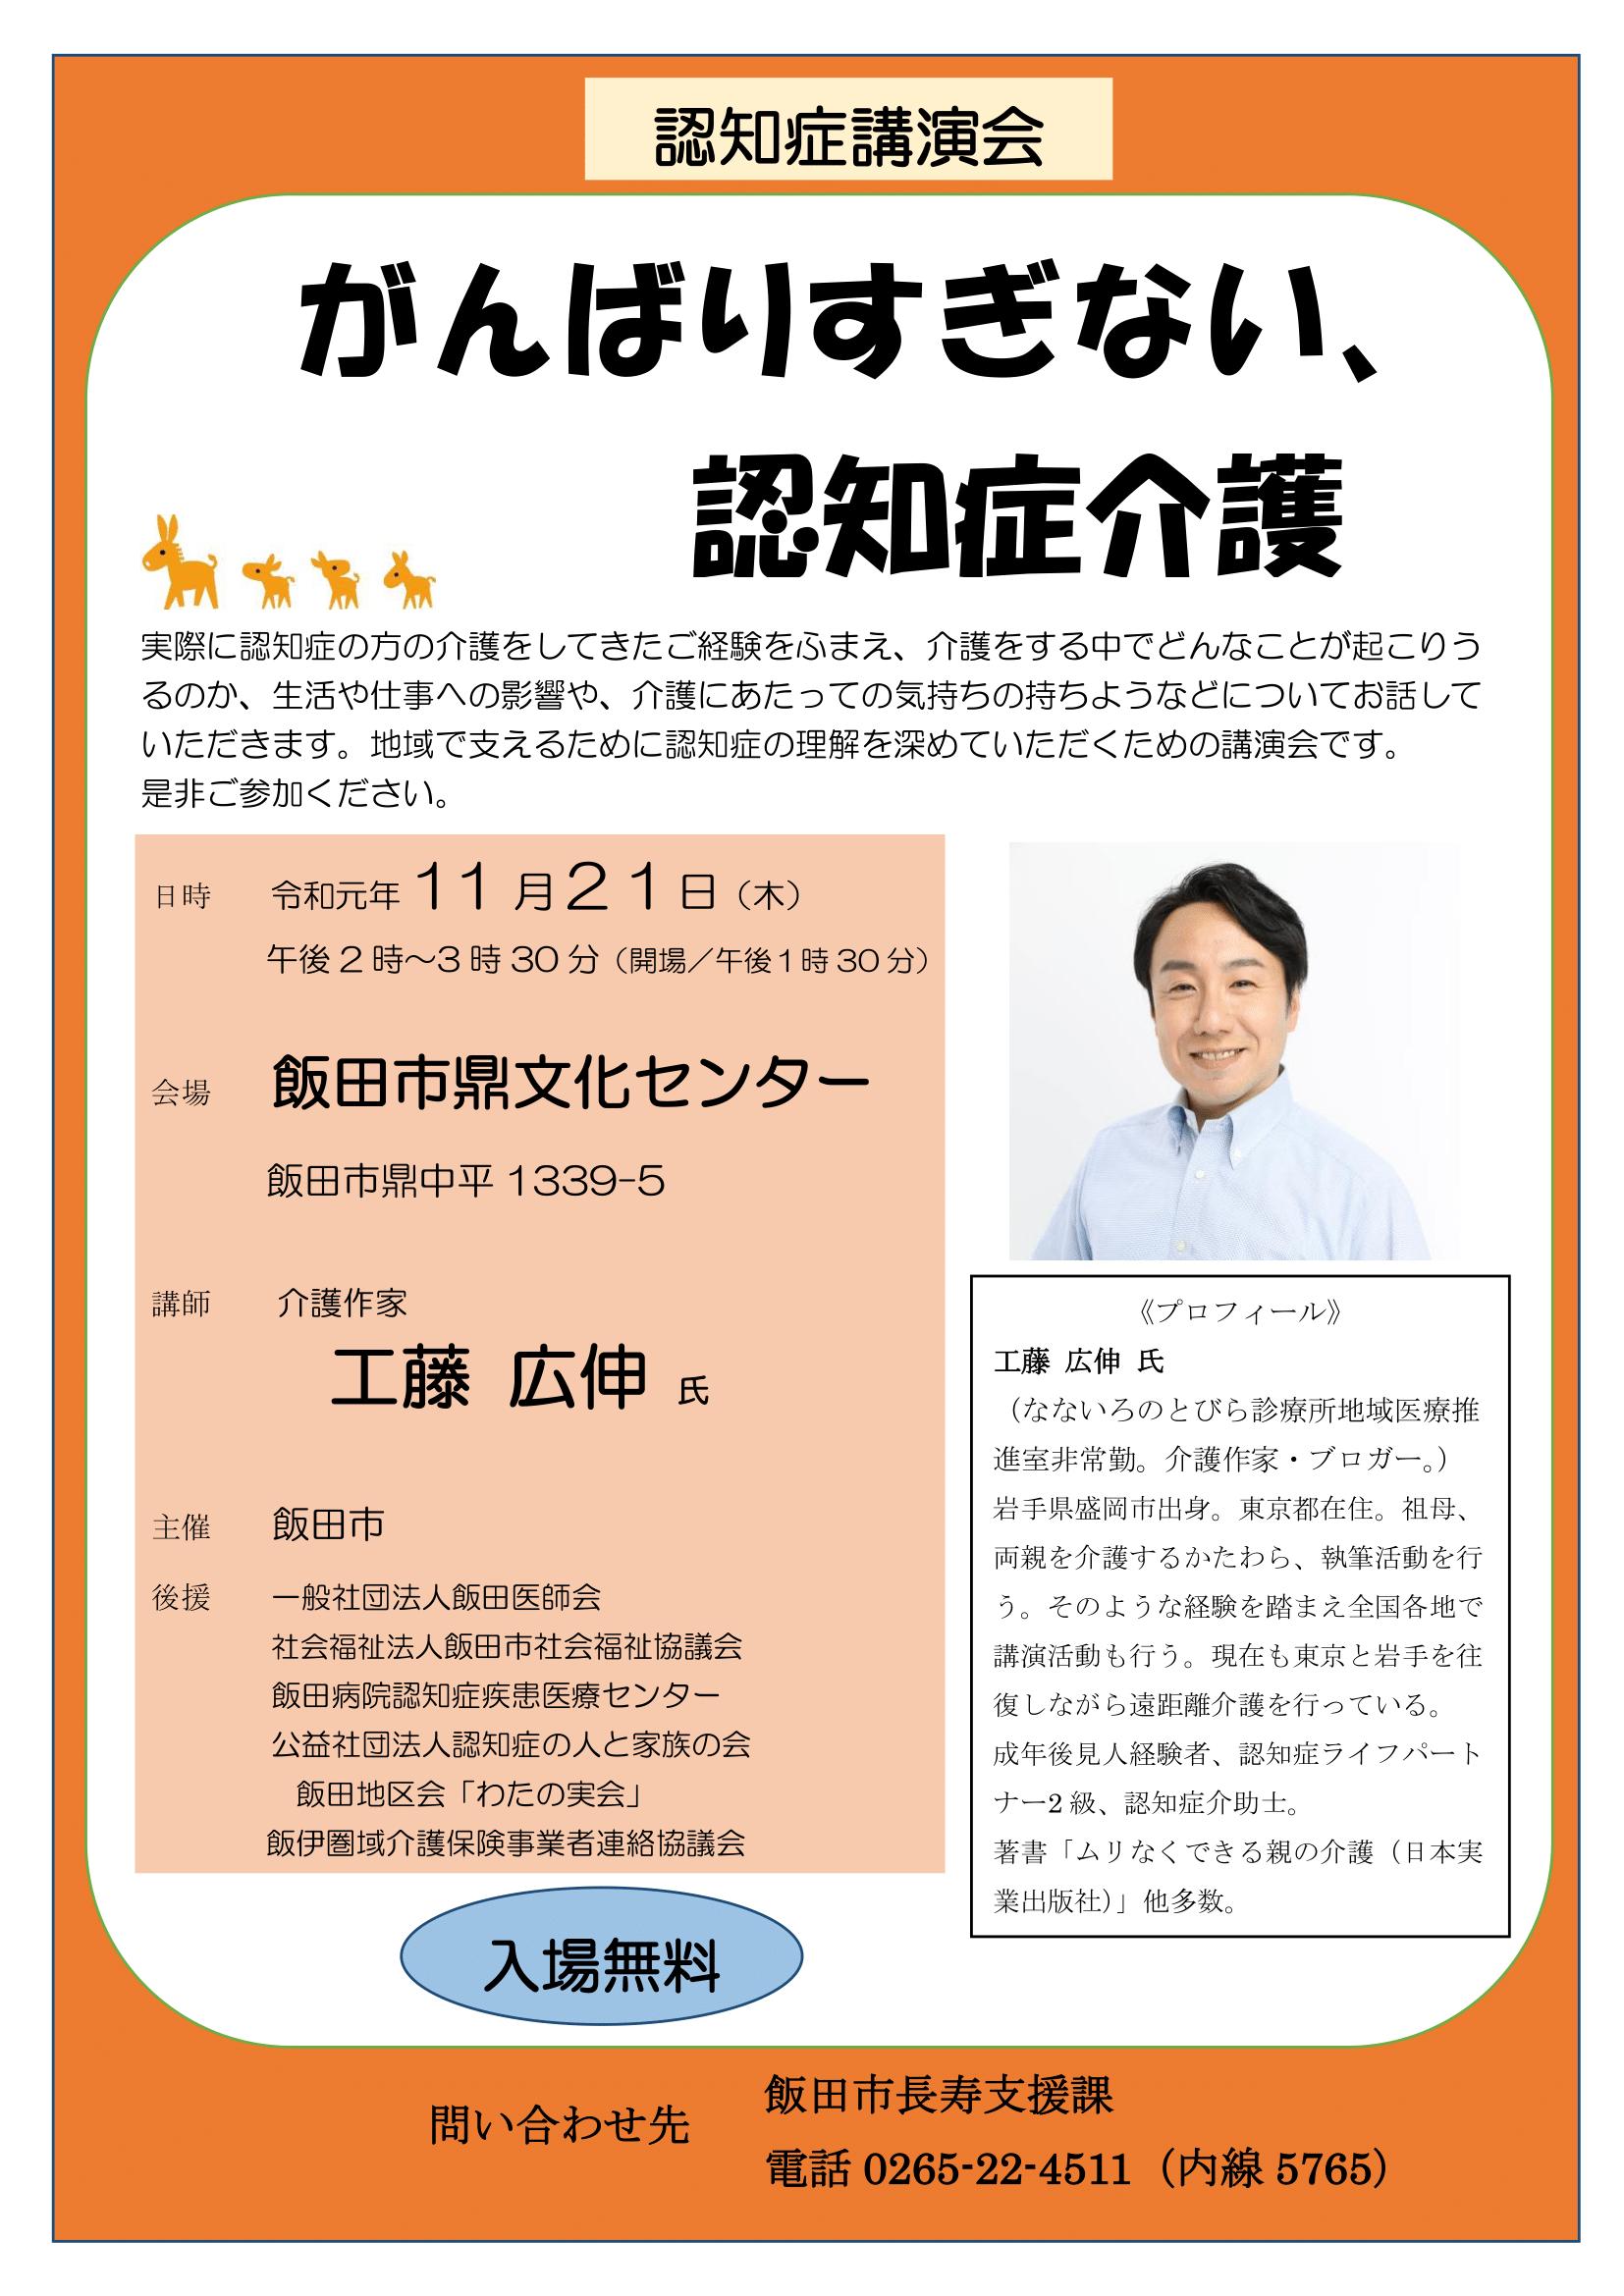 長野県飯田市認知症介護講演会